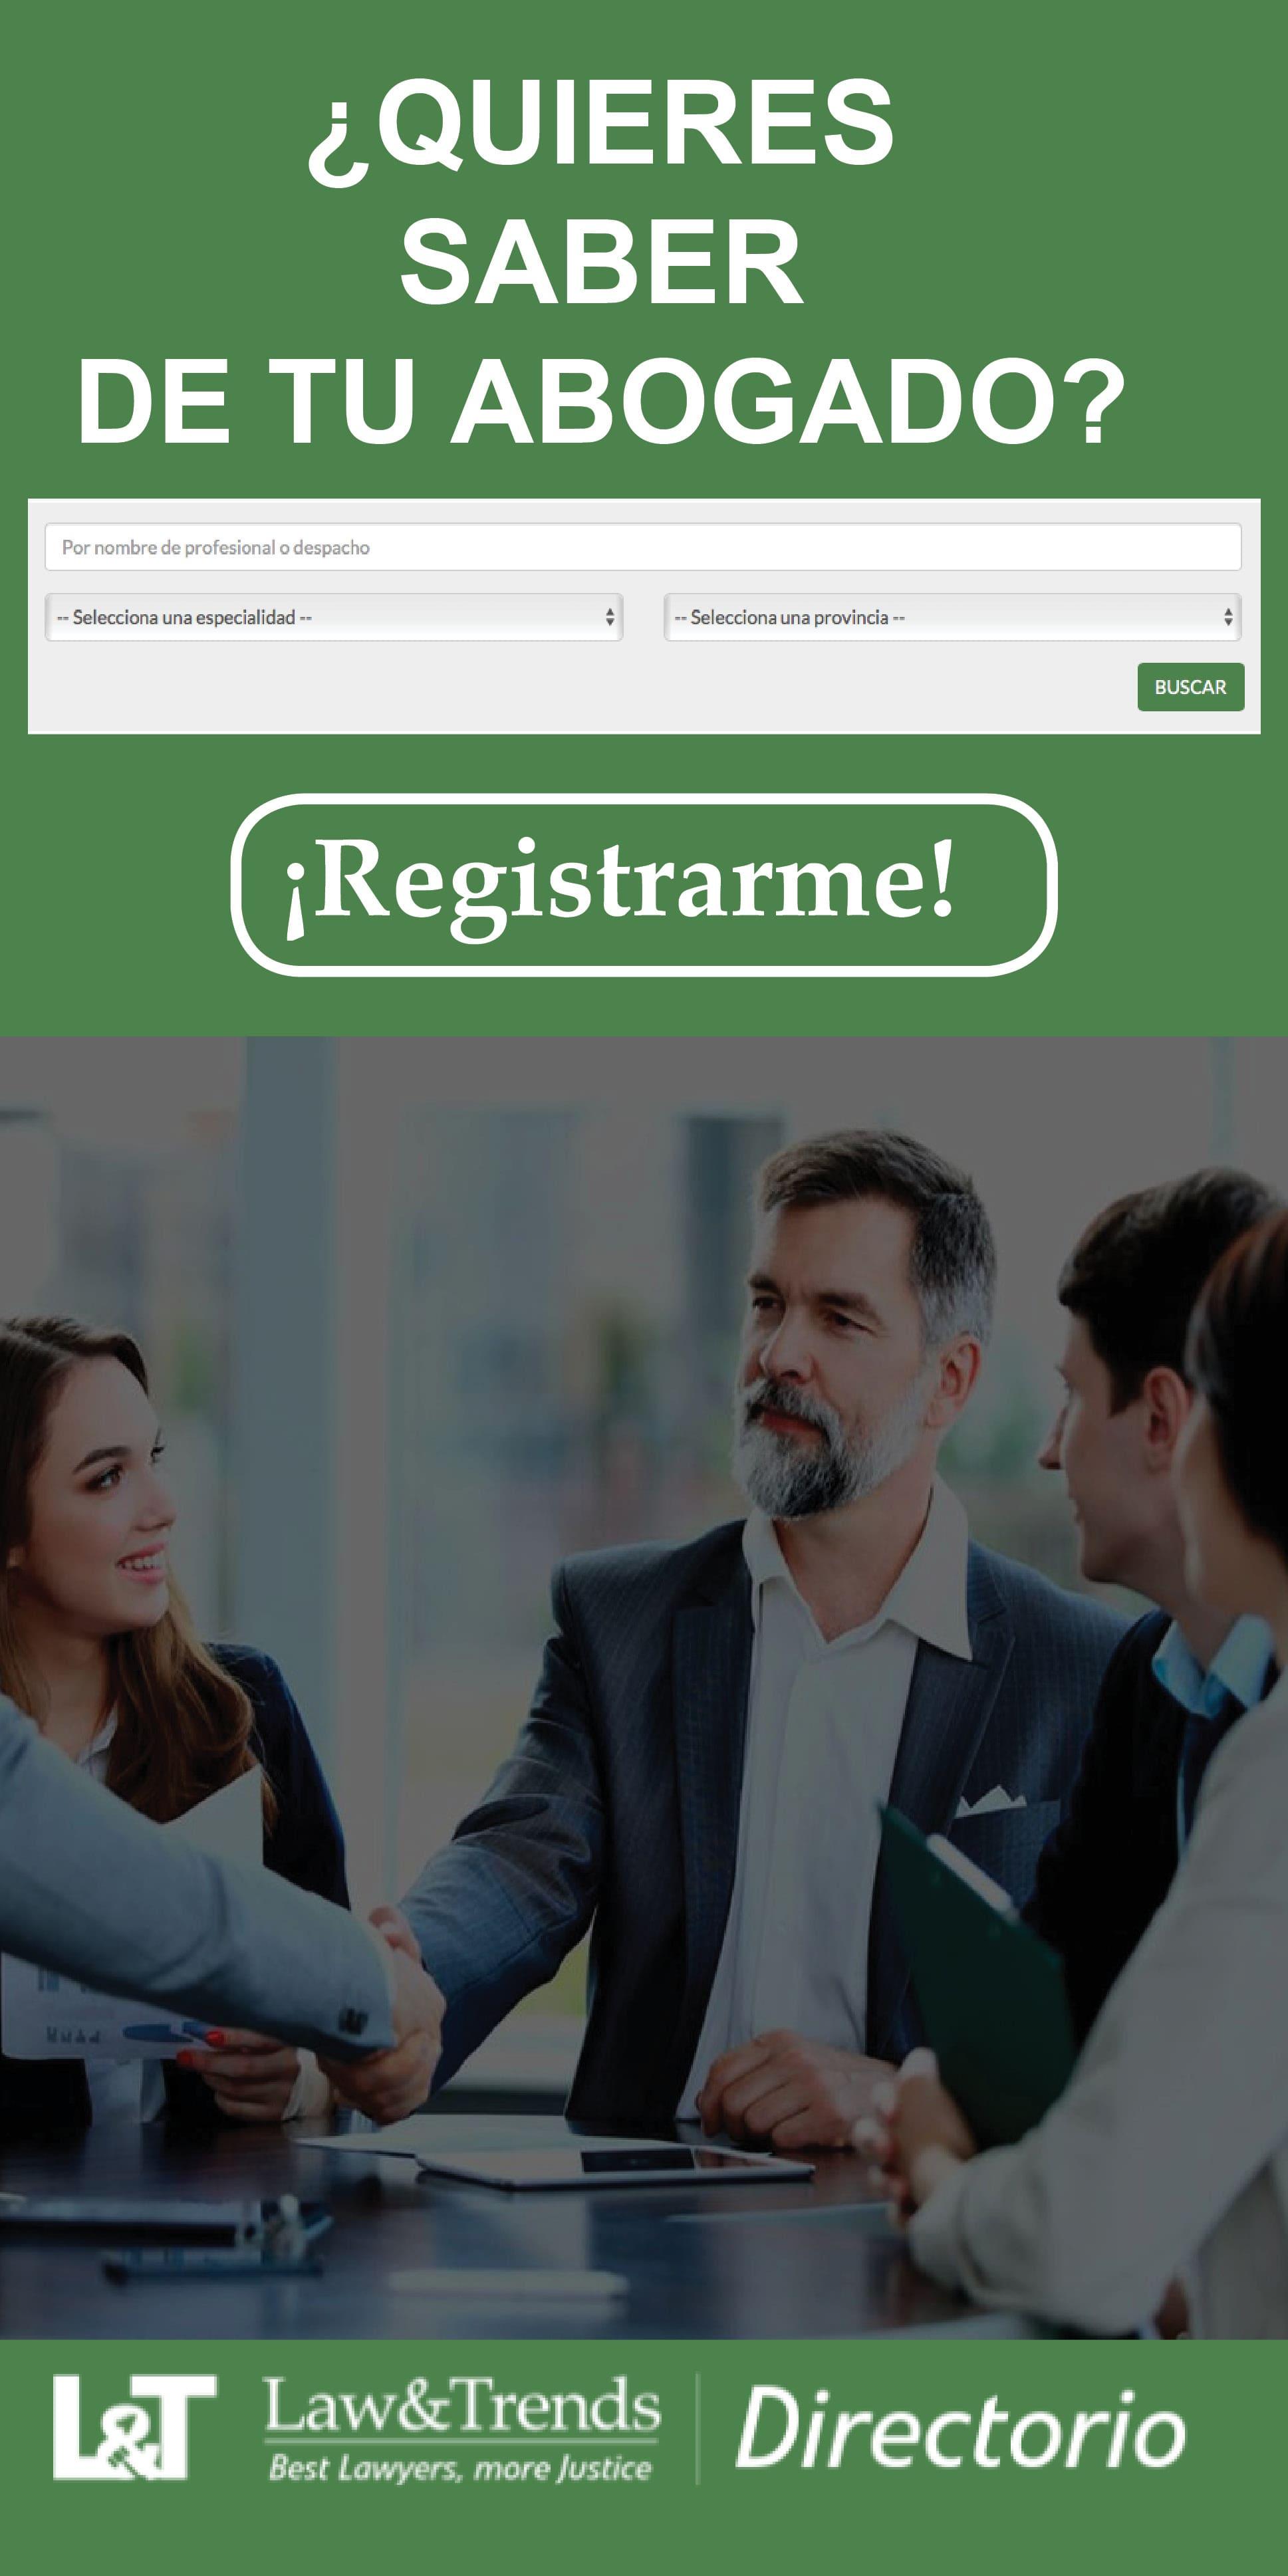 Directorio y busca abogados y profesionales es el servicio de Law&Trends para despachos de abogados y profesionales jur�dicos